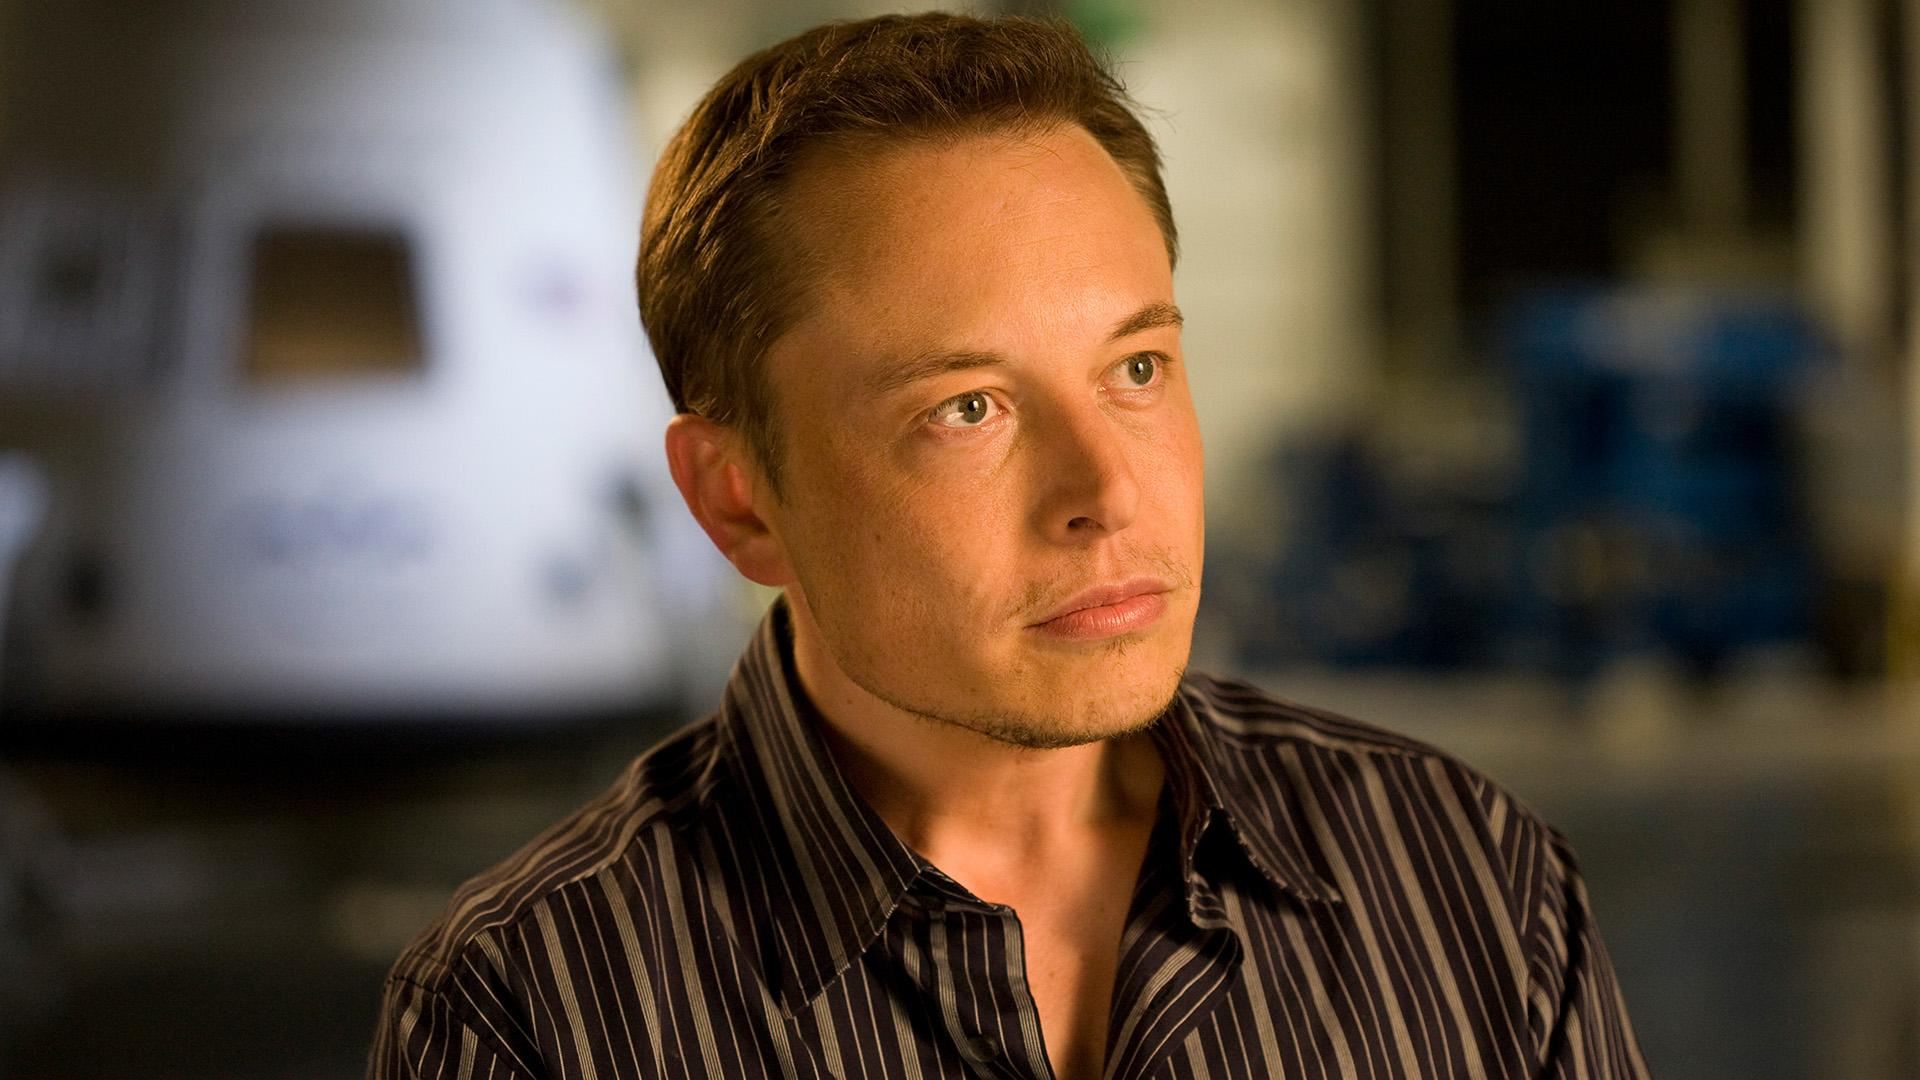 Pourquoi Elon Musk Retient Il Ses Tweets Les Plus Critiques A Legard De Trump